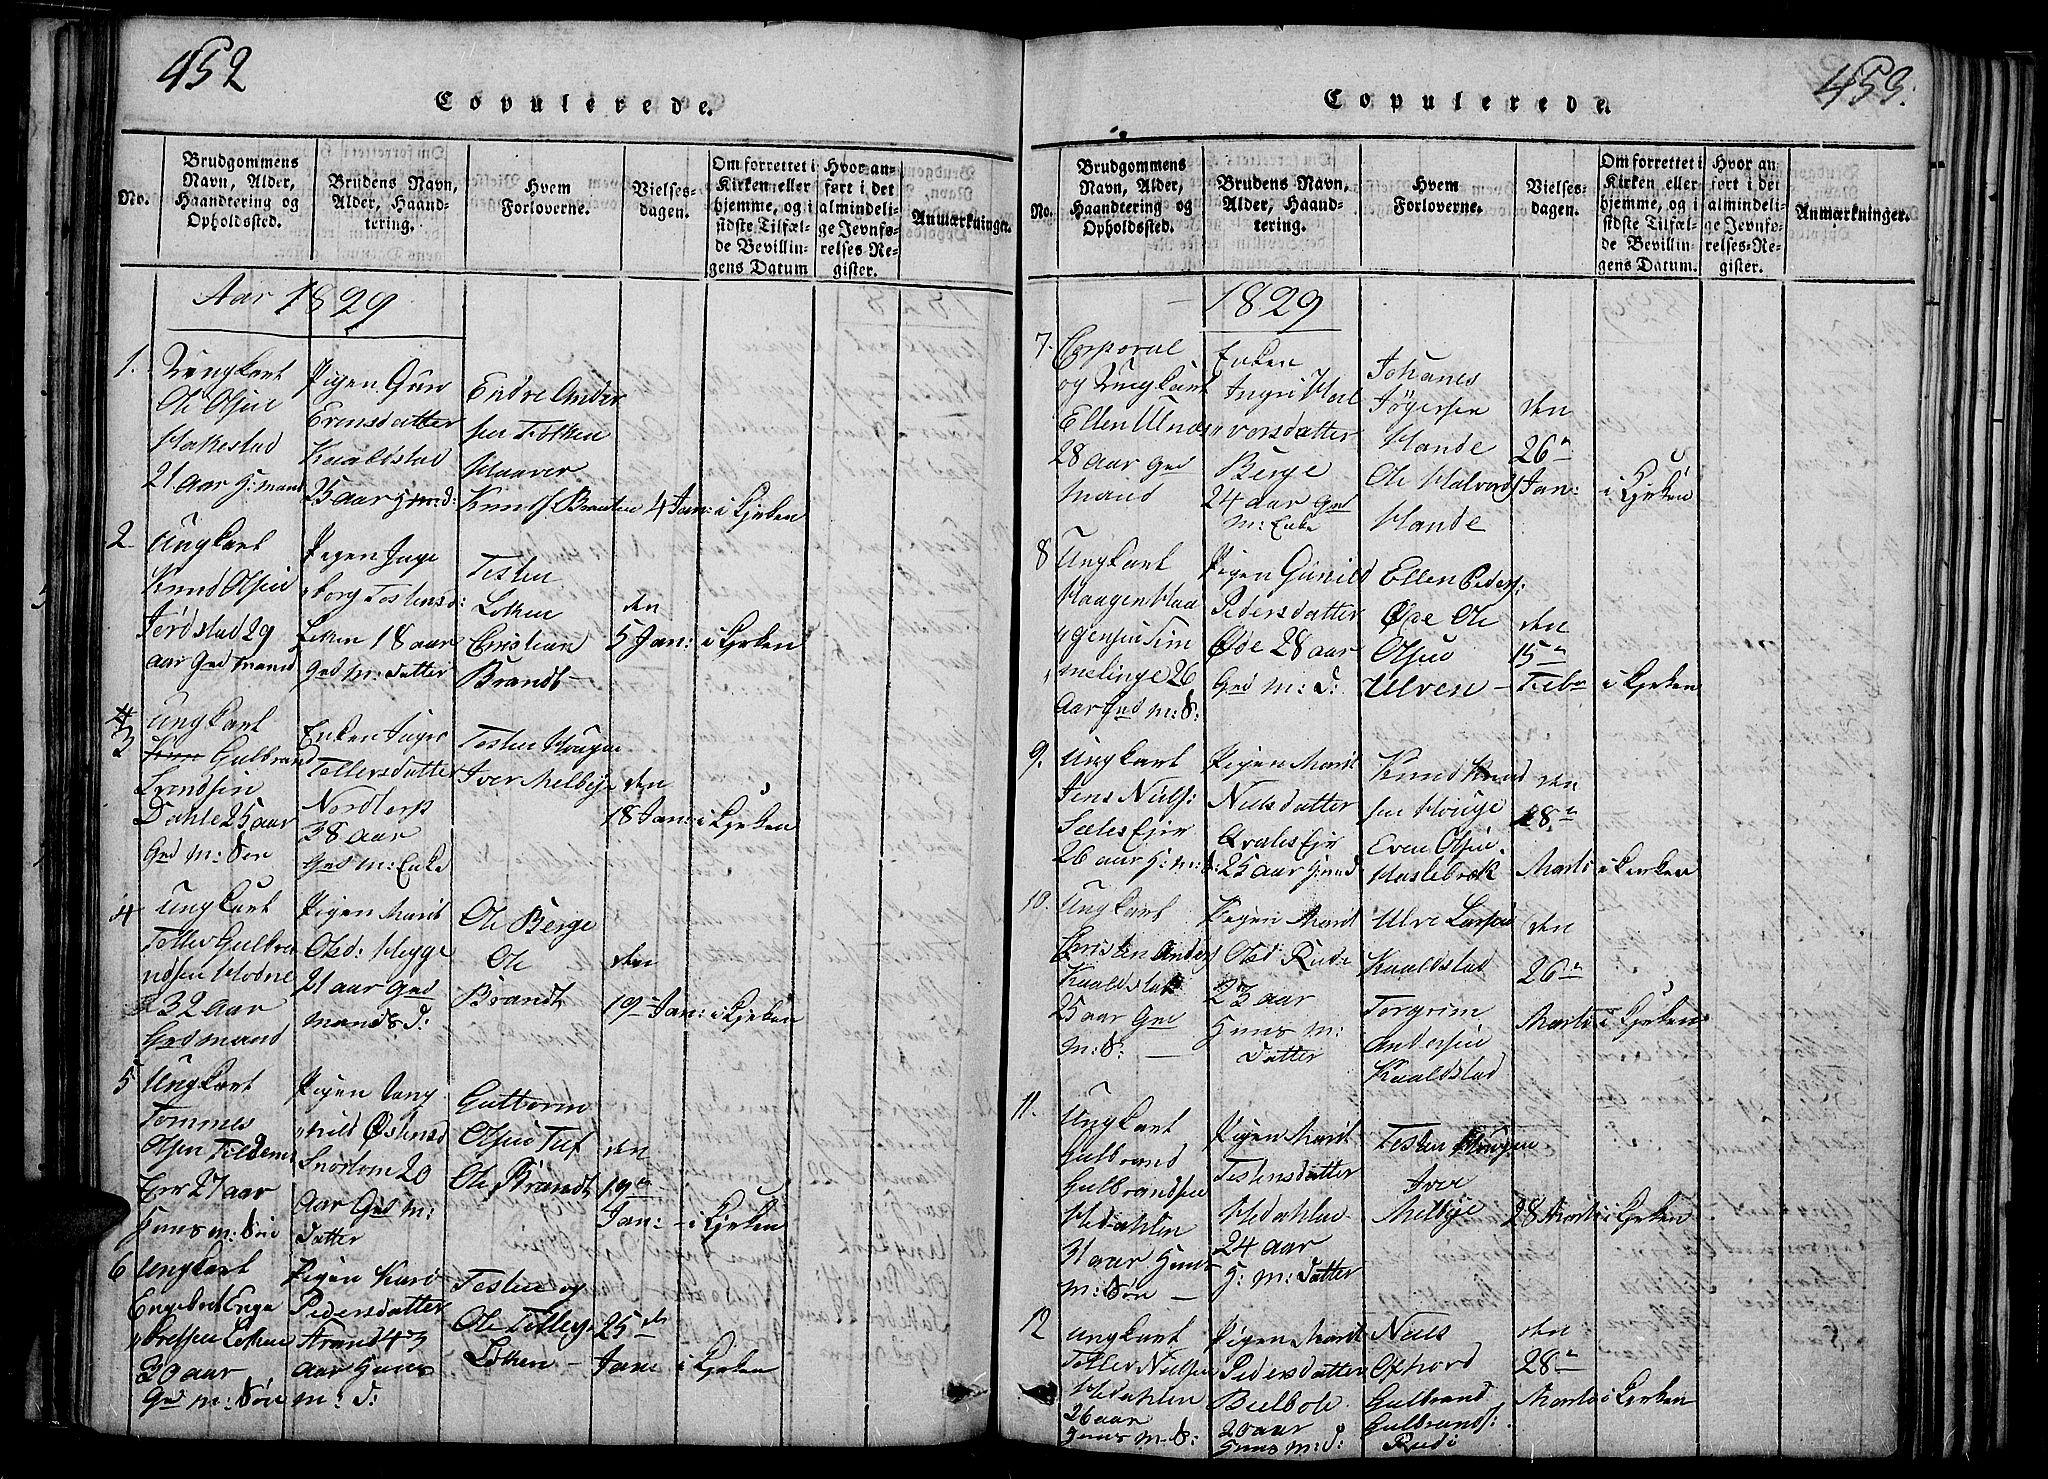 SAH, Slidre prestekontor, Ministerialbok nr. 2, 1814-1830, s. 452-453